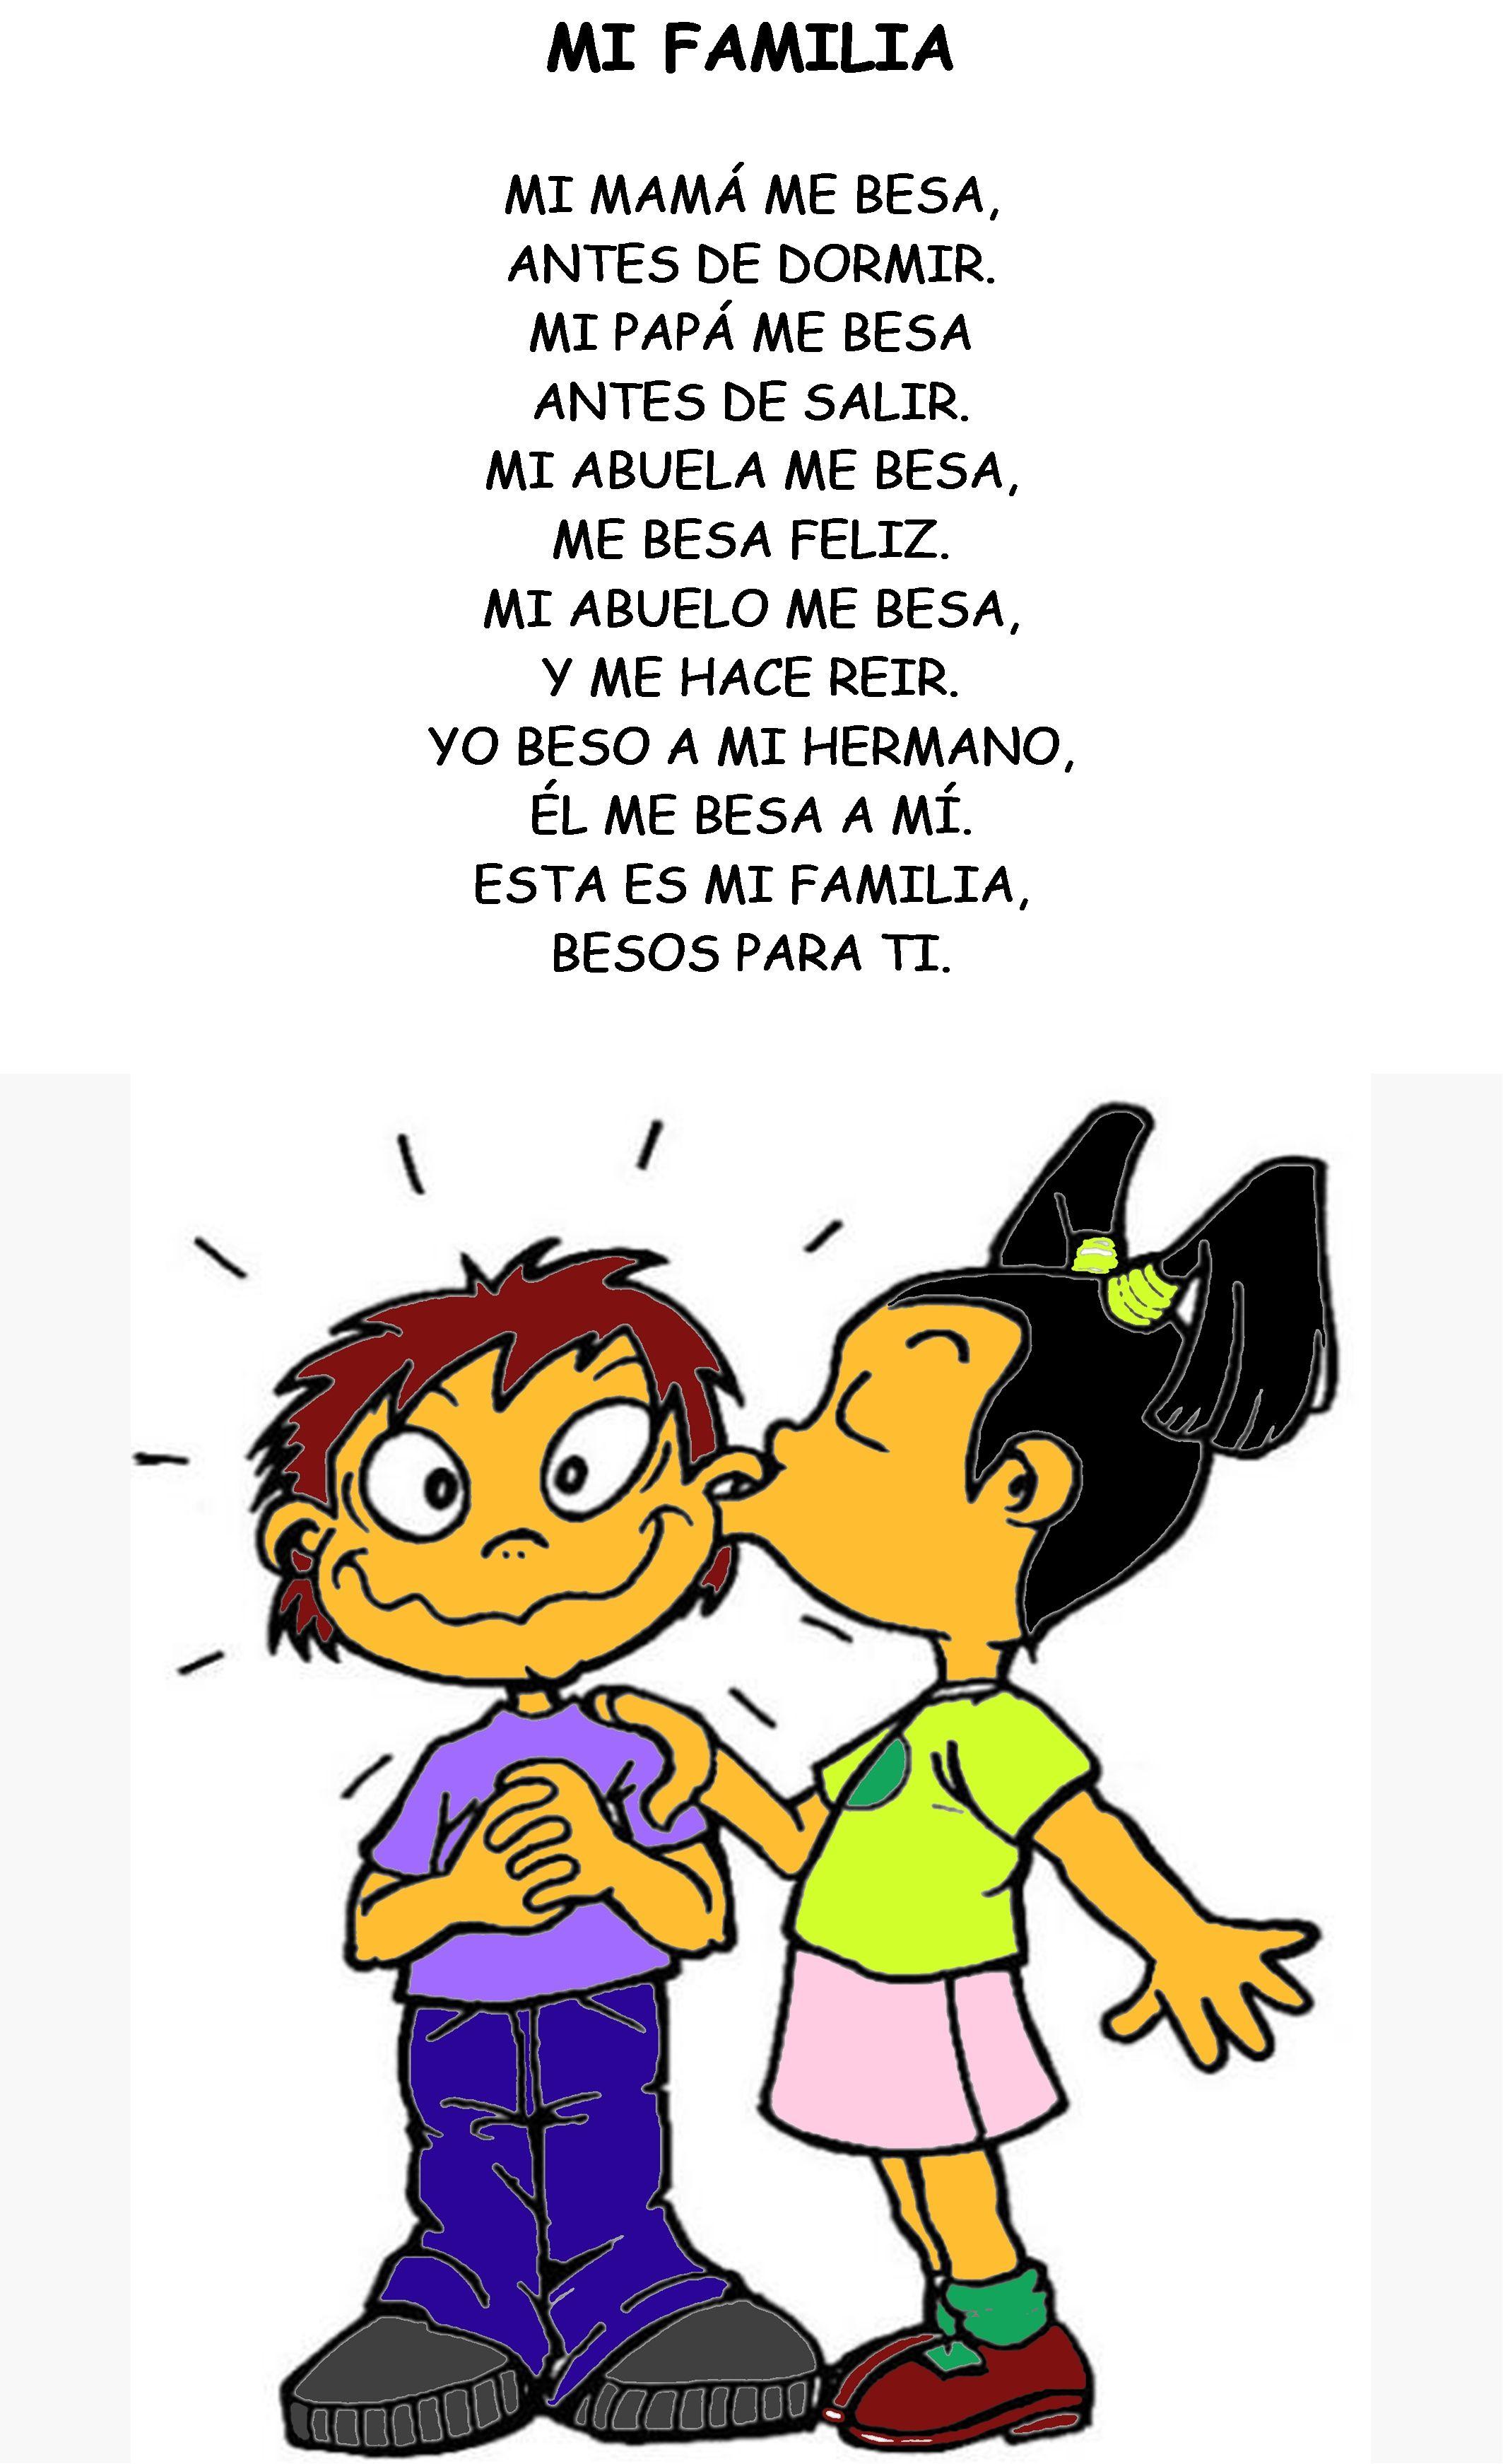 Poesia De La Familia Infantil | Regalos para hacer | Pinterest ...